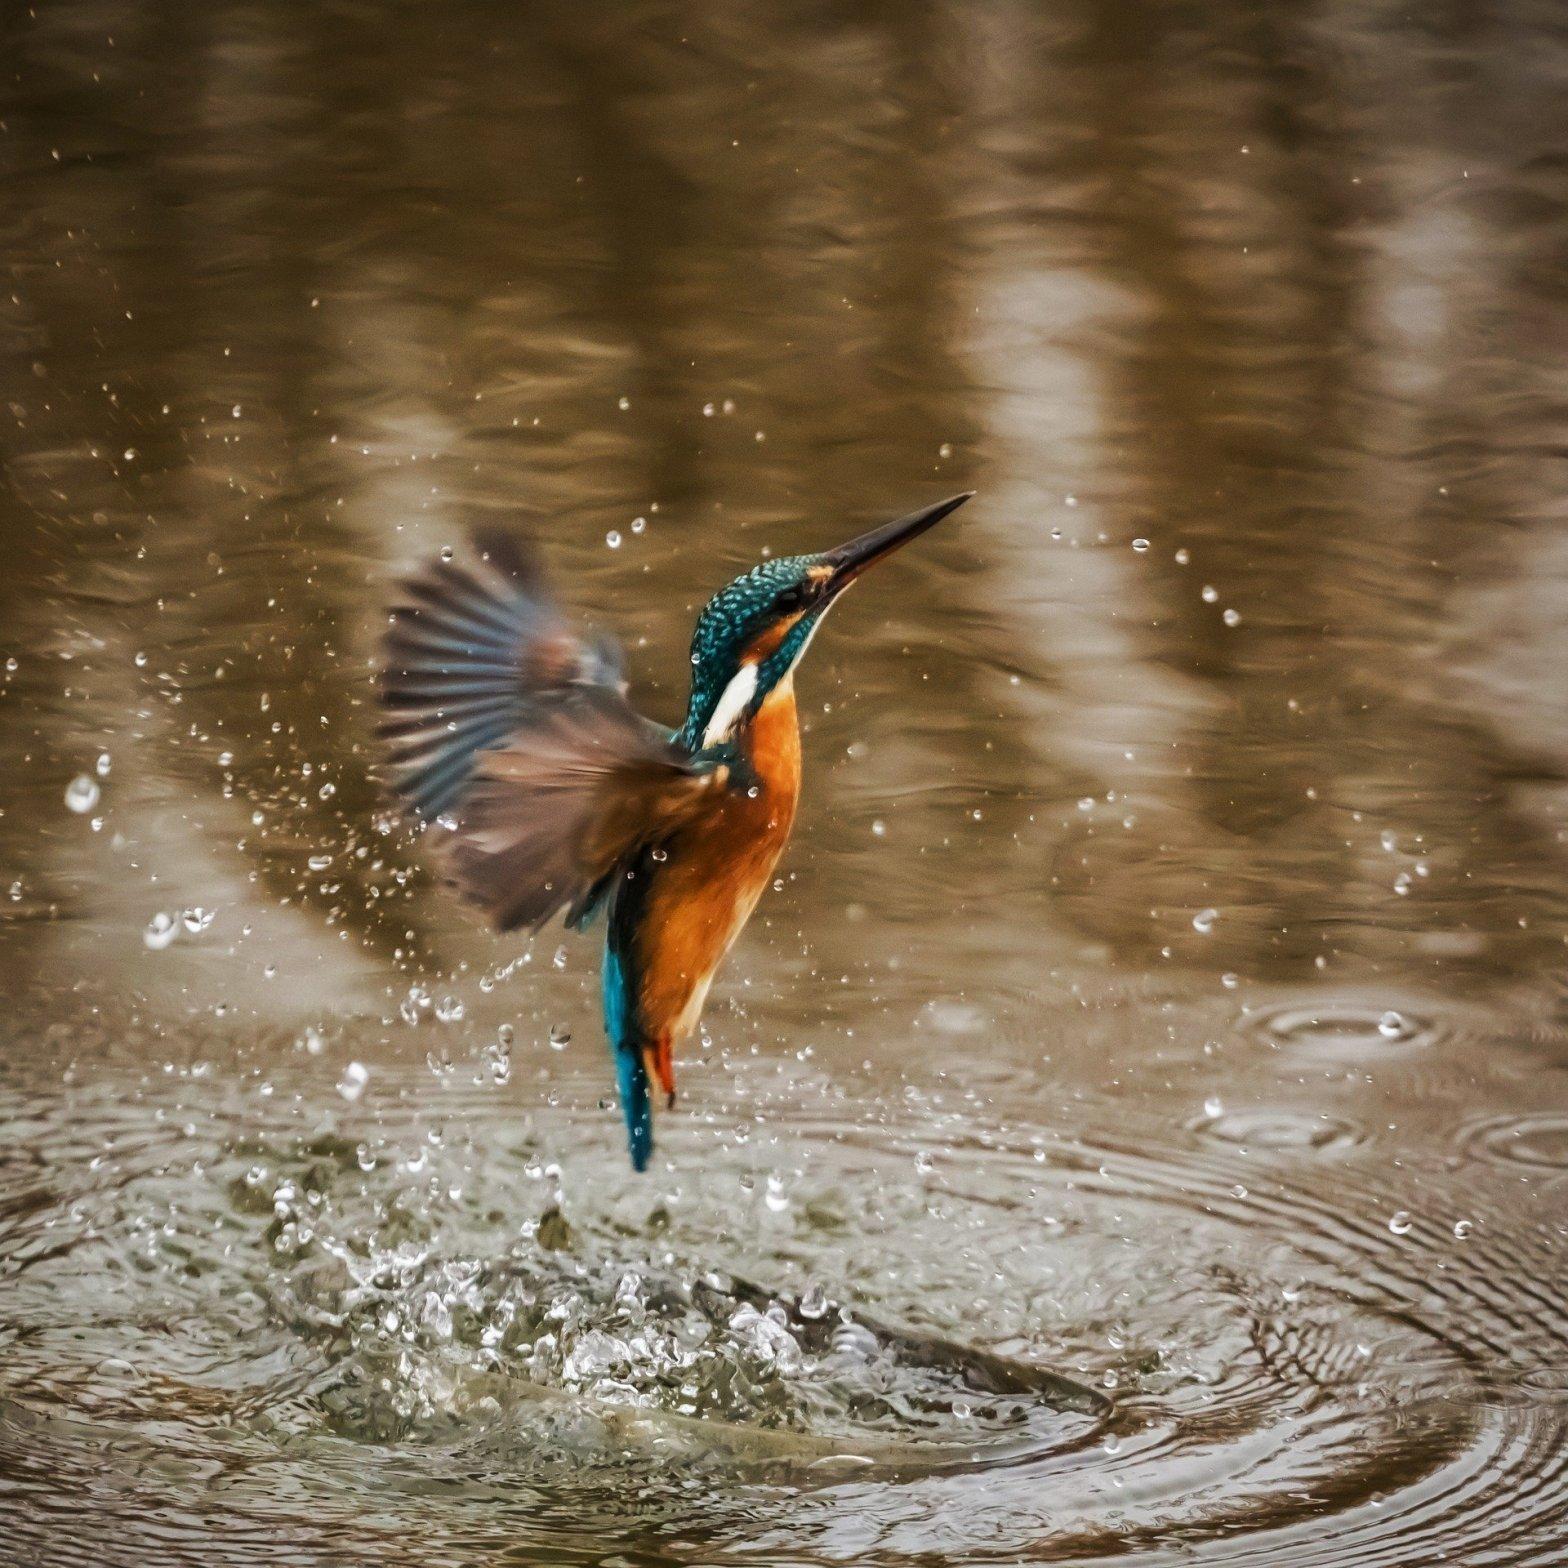 martin-pescatore-uccello-pesca-acqua-natura-ambiente-consapevolezza-difesa-blog